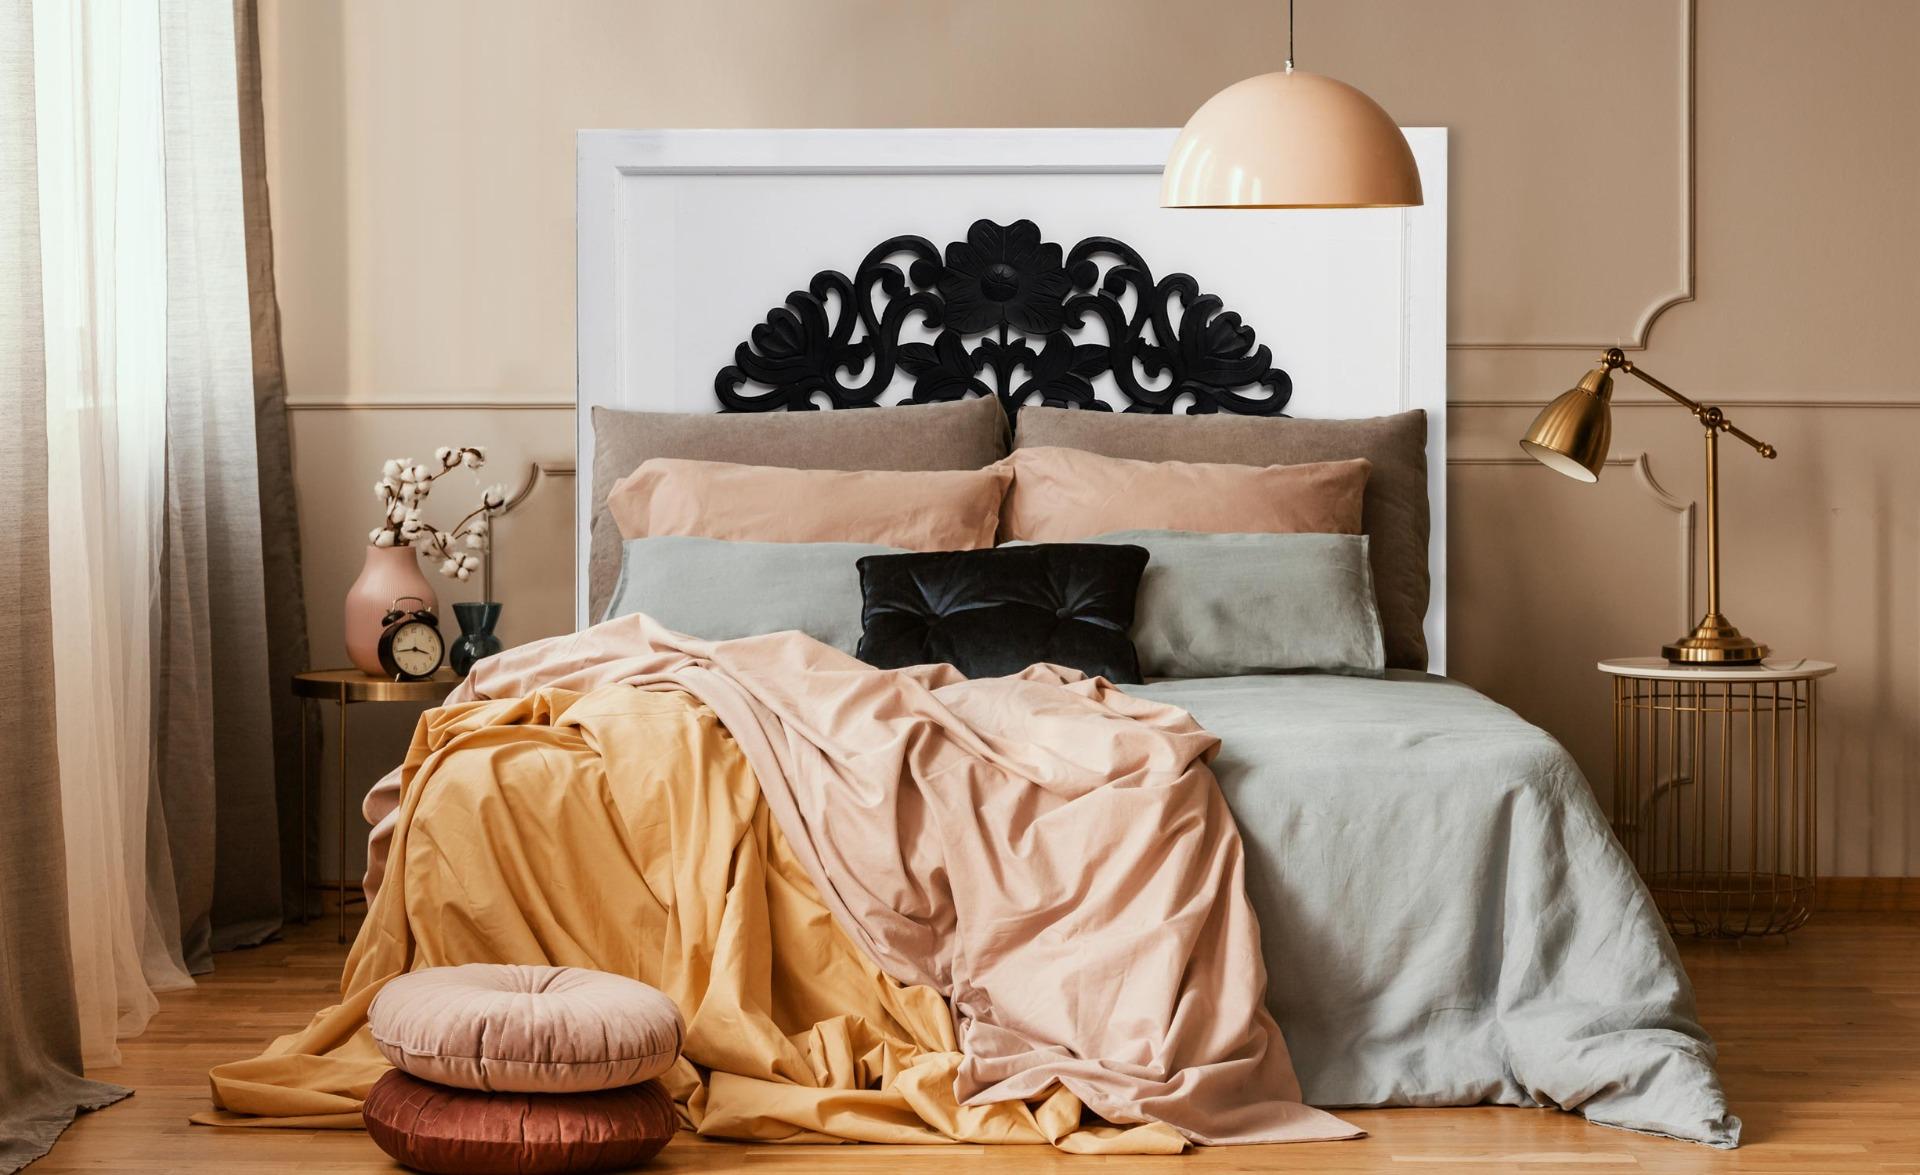 Testiera Venezia da 140 cm in legno bianco e nero